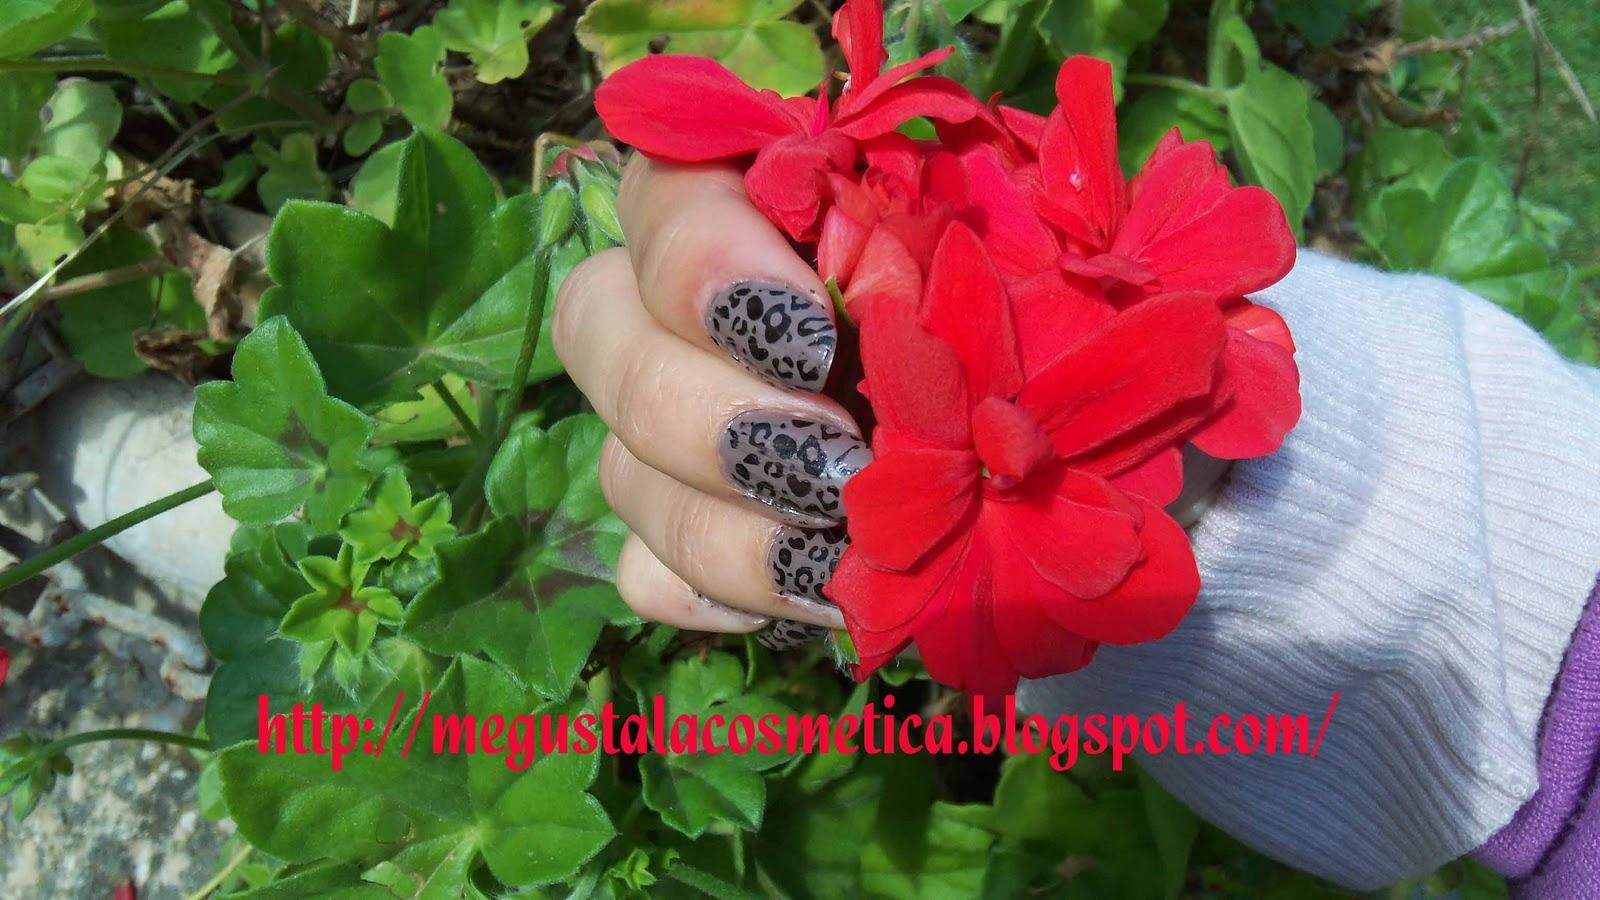 Me gusta la cosmetica: Uñas de leopardo solo para atrevidas!!